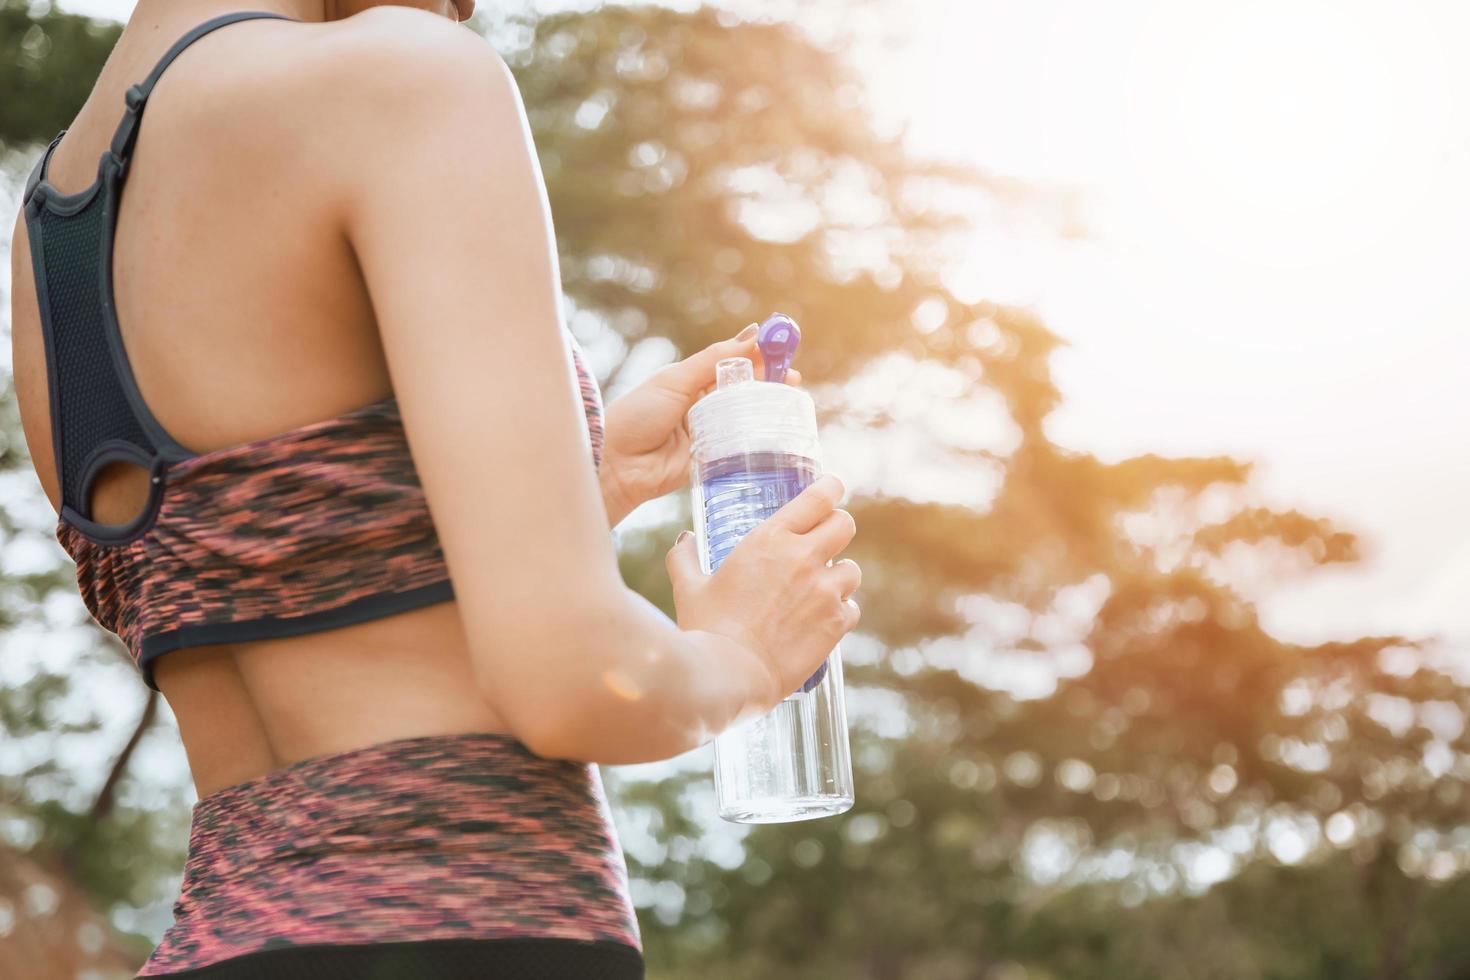 ein weiblicher Läufer, der draußen steht und eine Wasserflasche hält, gesundes und Sportkonzept foto